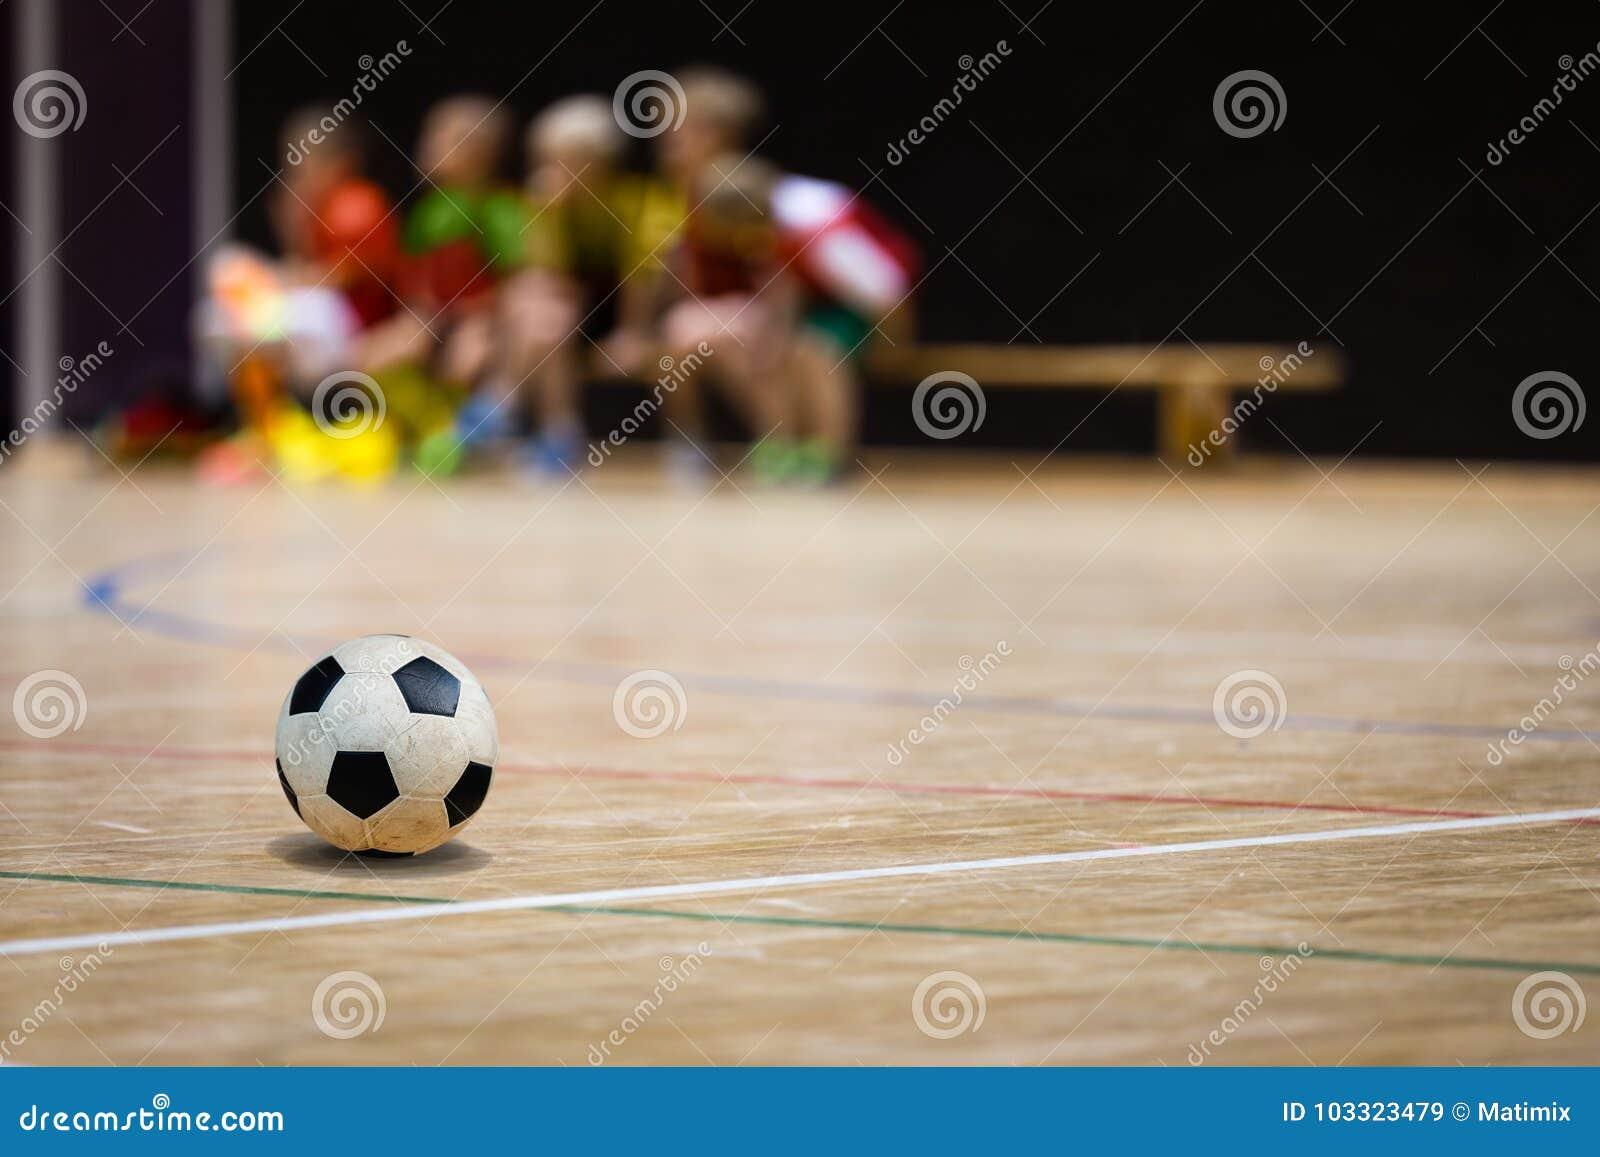 FotbollFutsal boll och ungdomlag Sportkorridor för inomhus fotboll